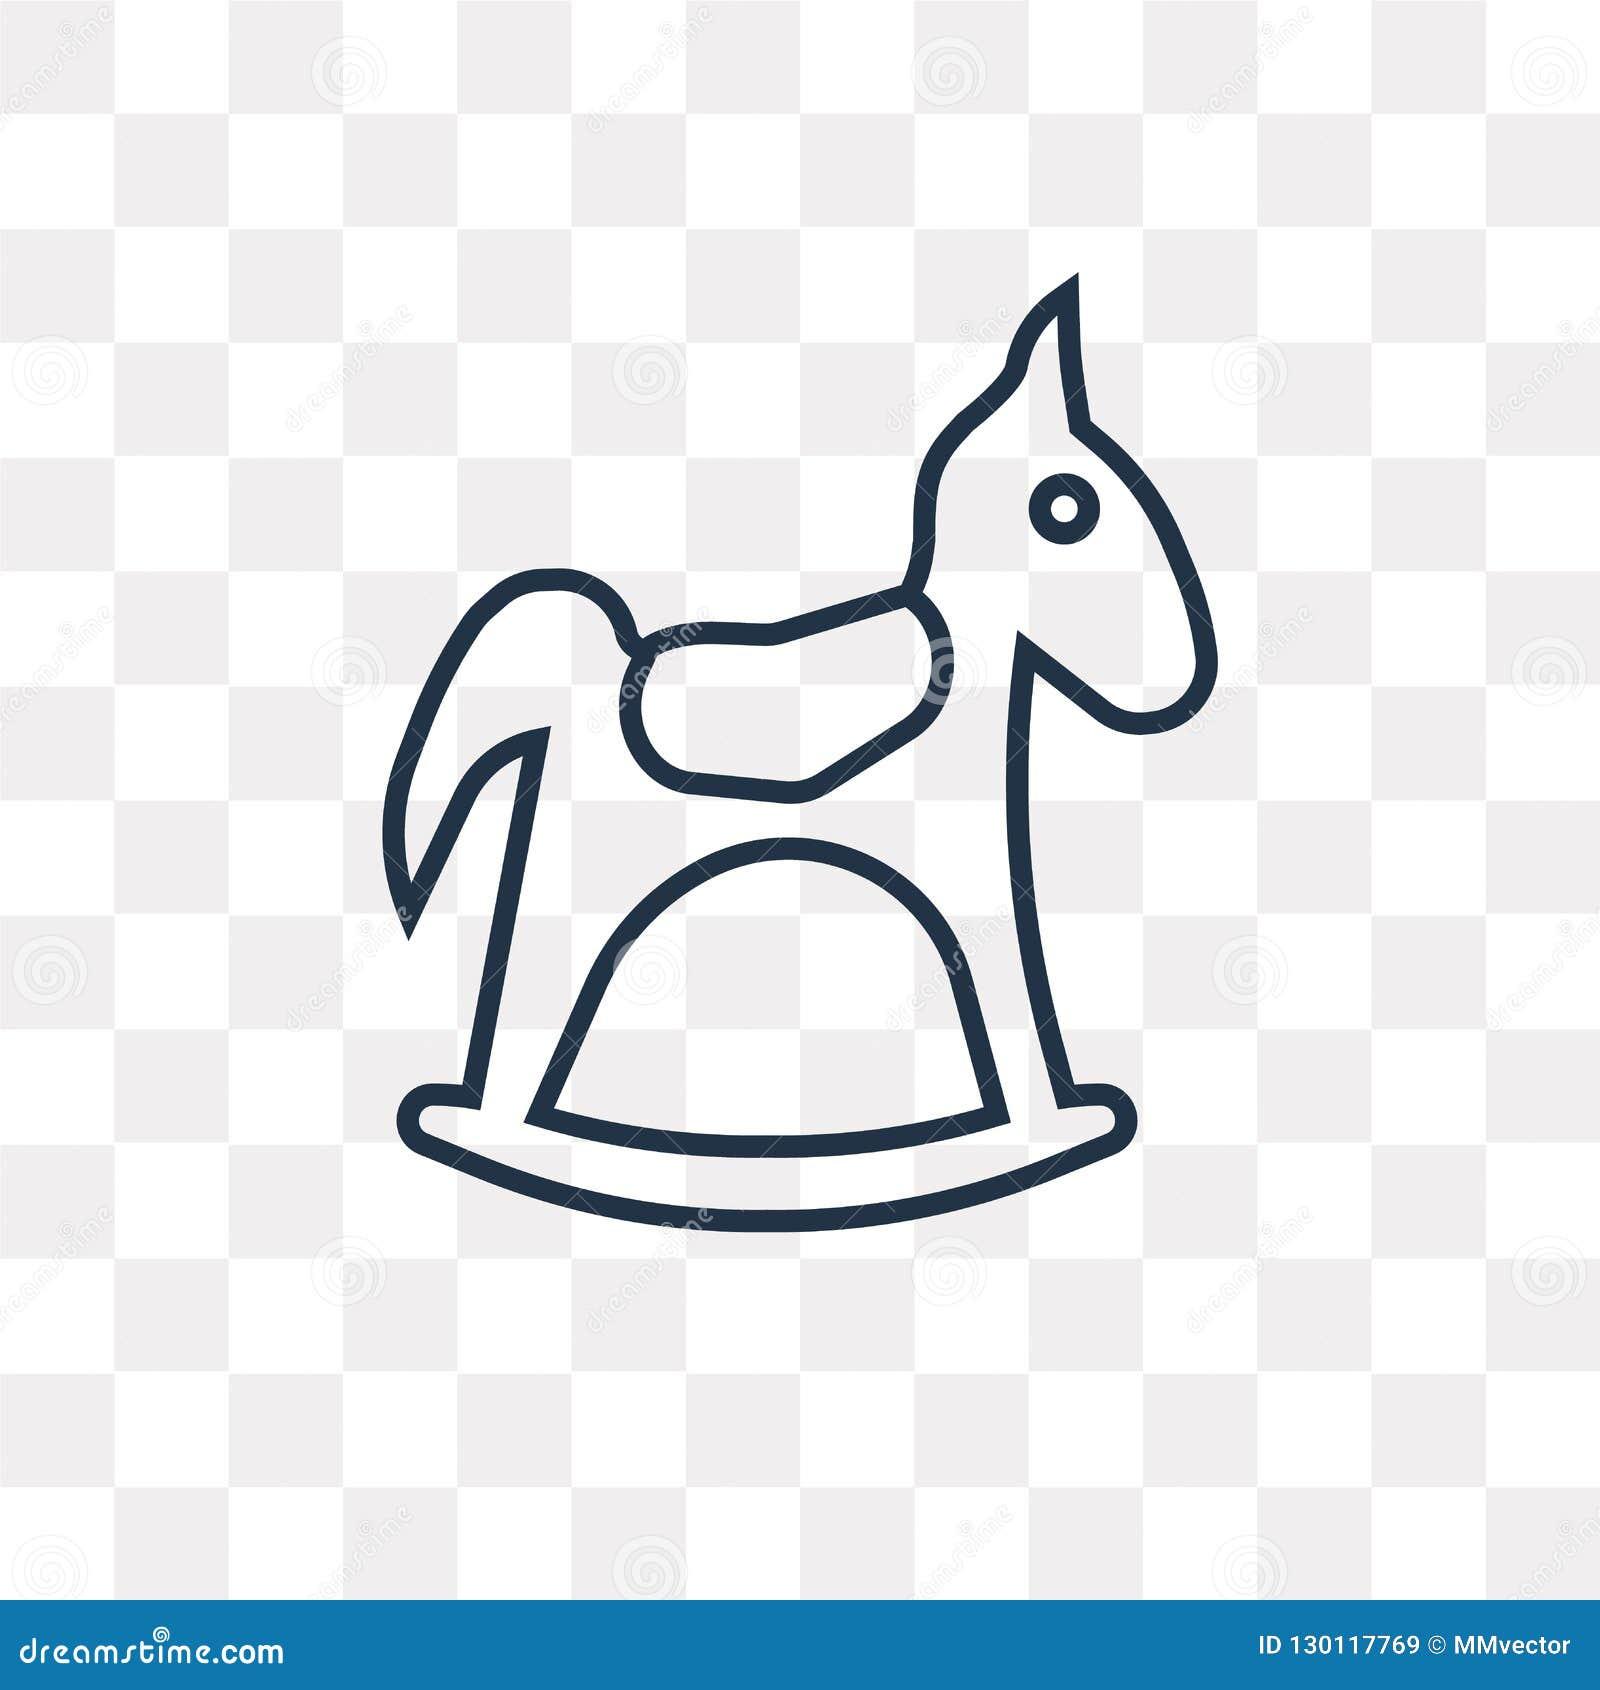 rocking horse outline